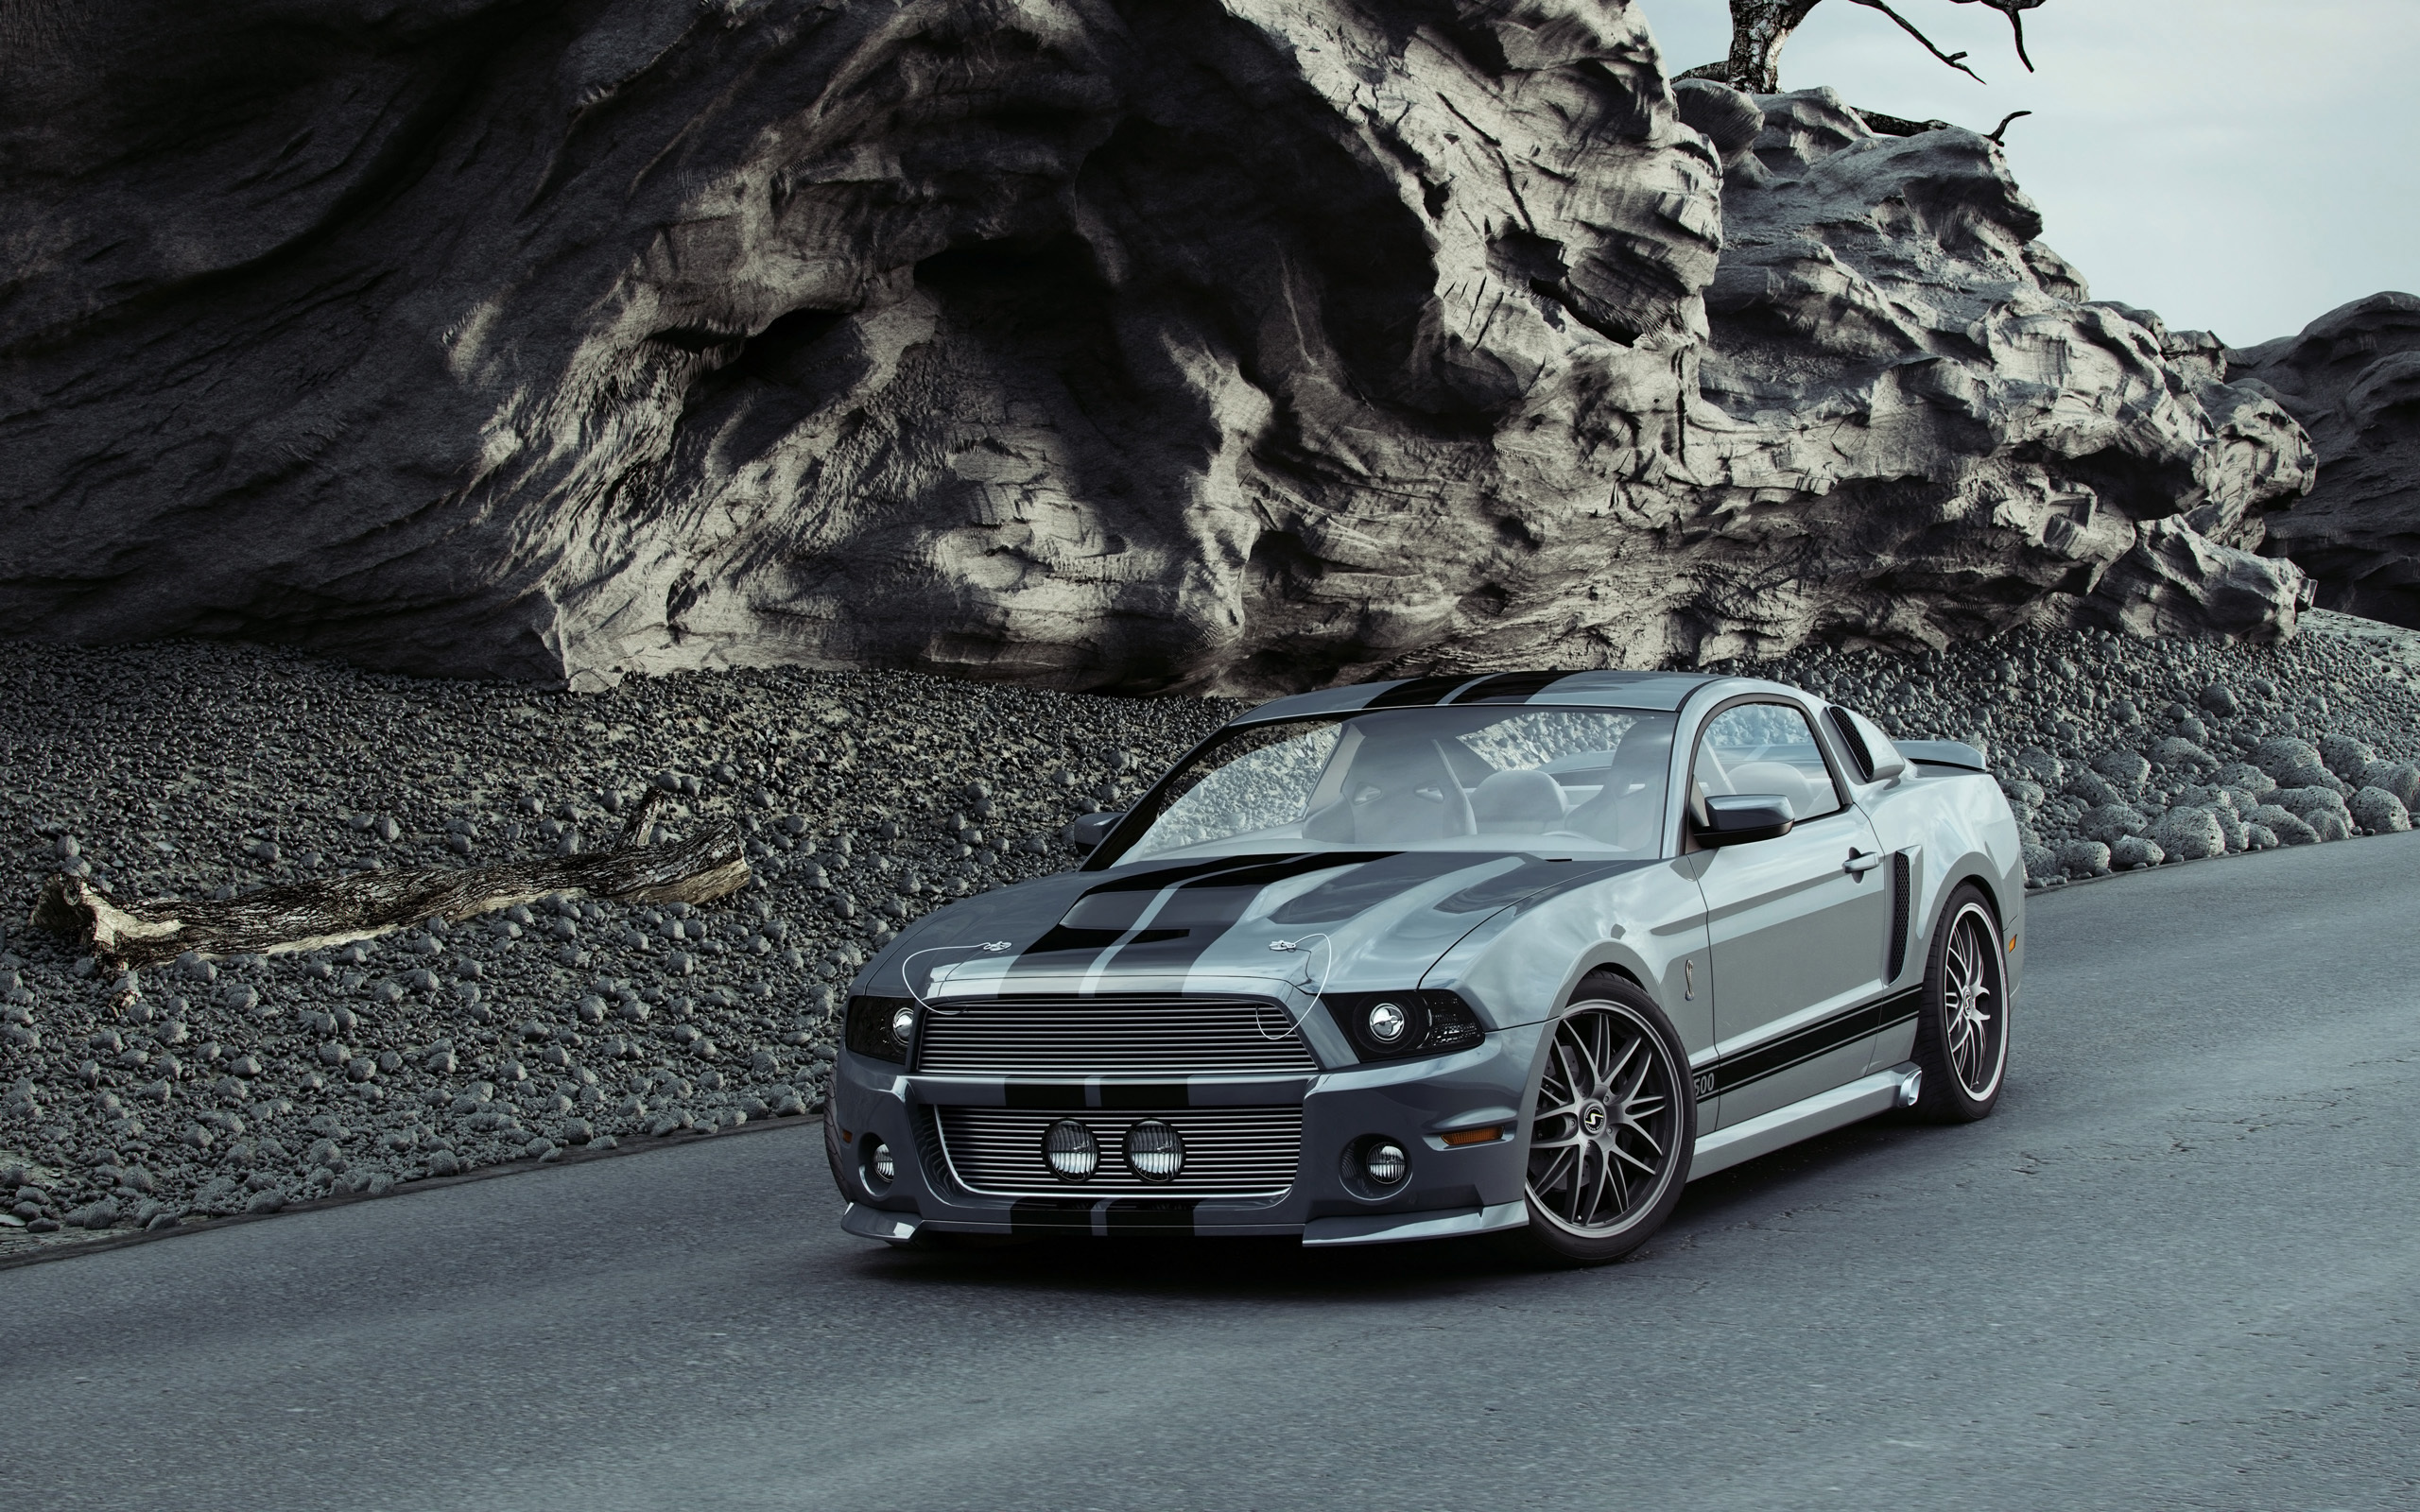 49848 télécharger le fond d'écran Transports, Mustang, Voitures, Ford - économiseurs d'écran et images gratuitement